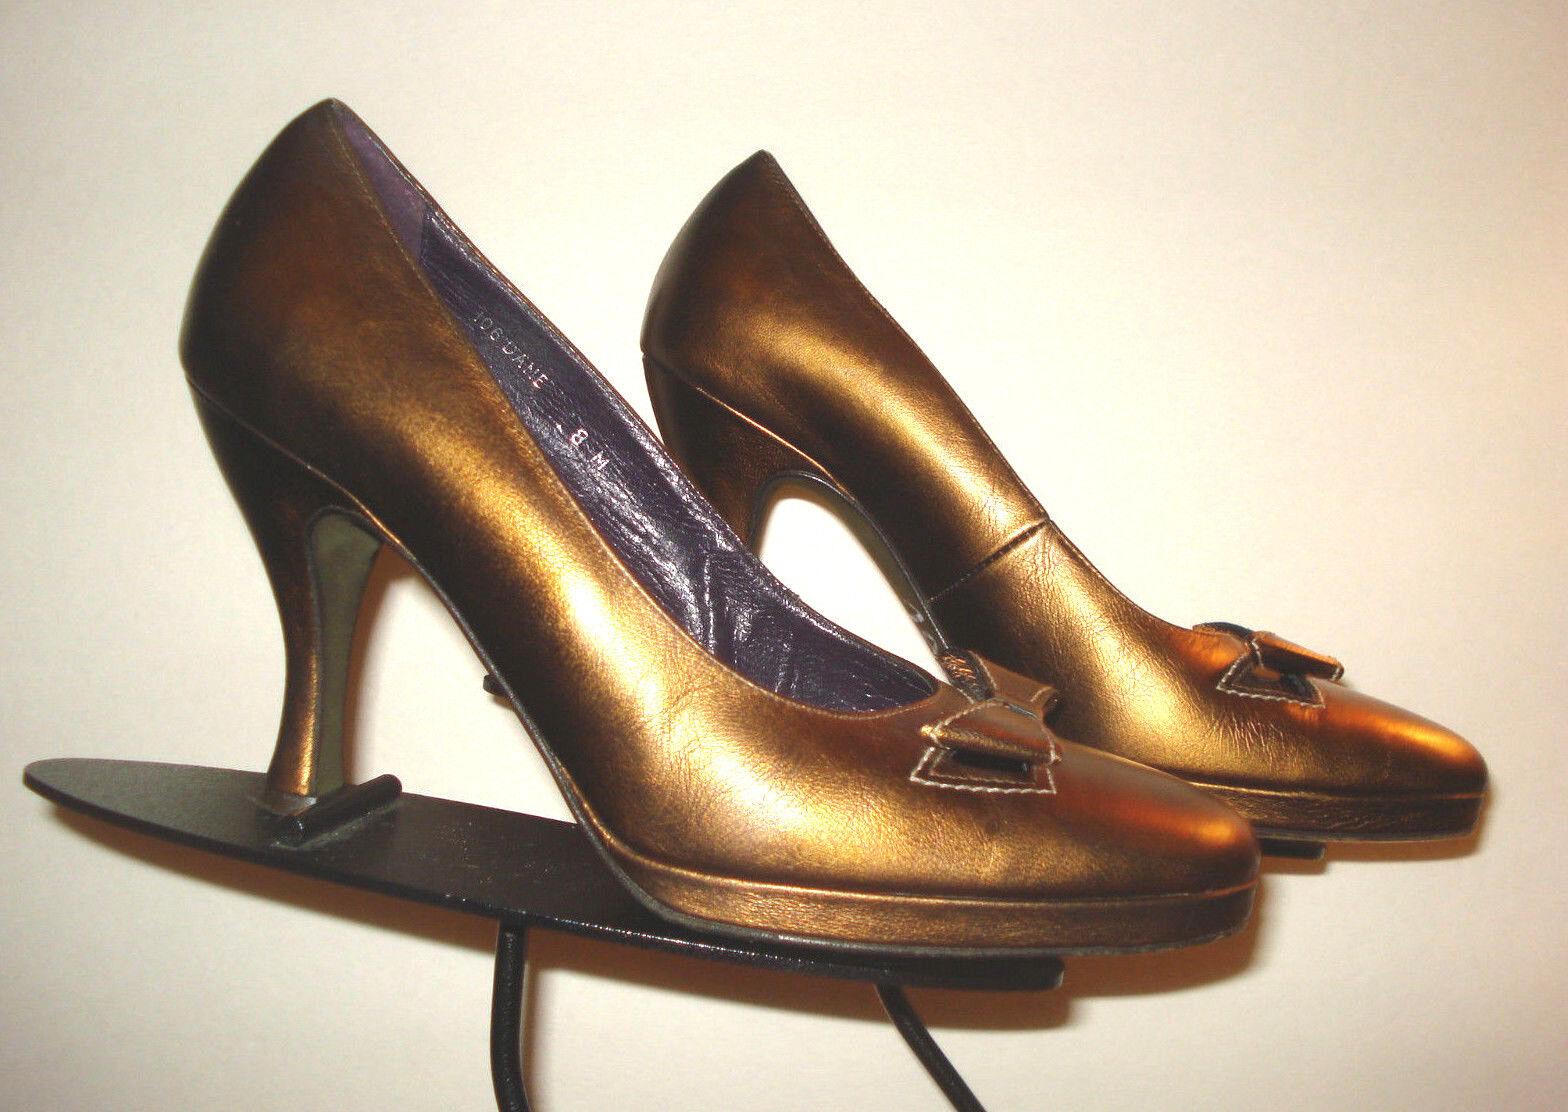 Donald J Pliner  Gold Bronze Leather Bow-Tie Classic Pump Sz. 8M MINTY